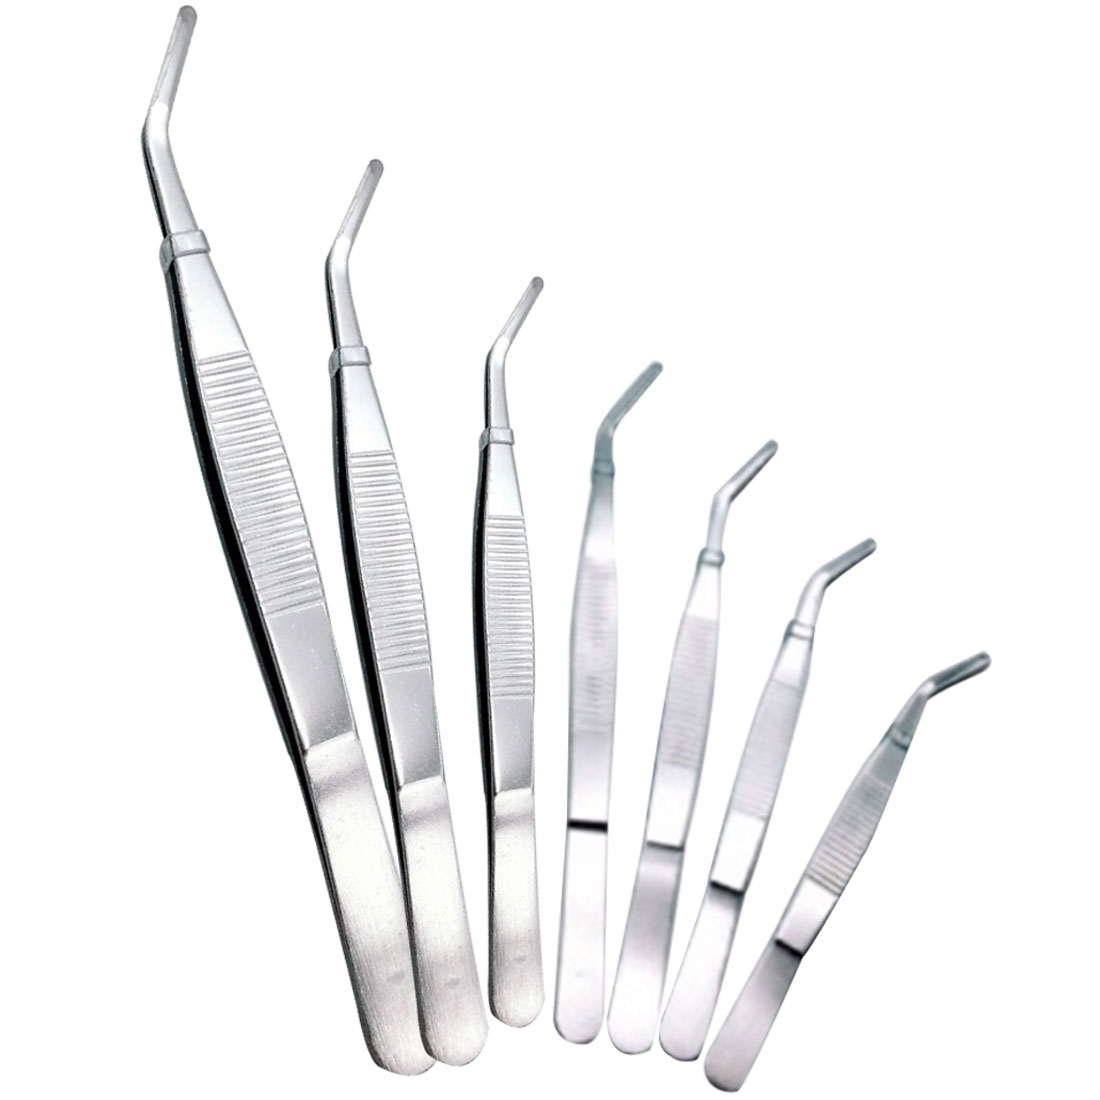 Ellenbogen Pinzette Edelstahl 12,5 Cm/14 Cm/16 Cm/18 Cm/20 Cm/25 Cm/30 Cm Clear Clip Werkzeug Medical Reparatur Werkzeuge Top Wassermelonen Werkzeuge Zangen